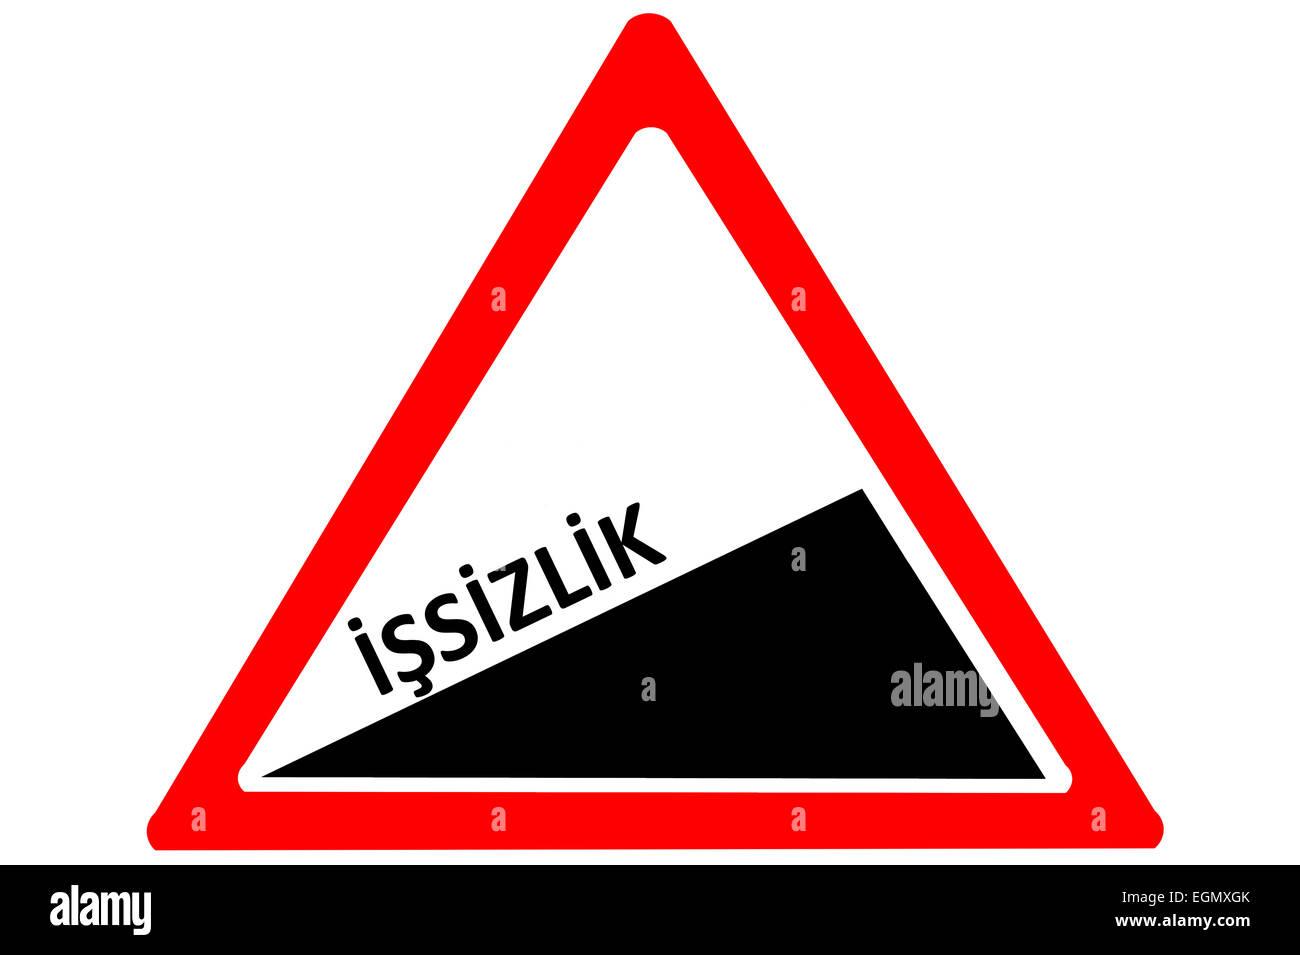 Disoccupazione issizlik turco crescente attenzione cartello stradale isolato su sfondo bianco Immagini Stock